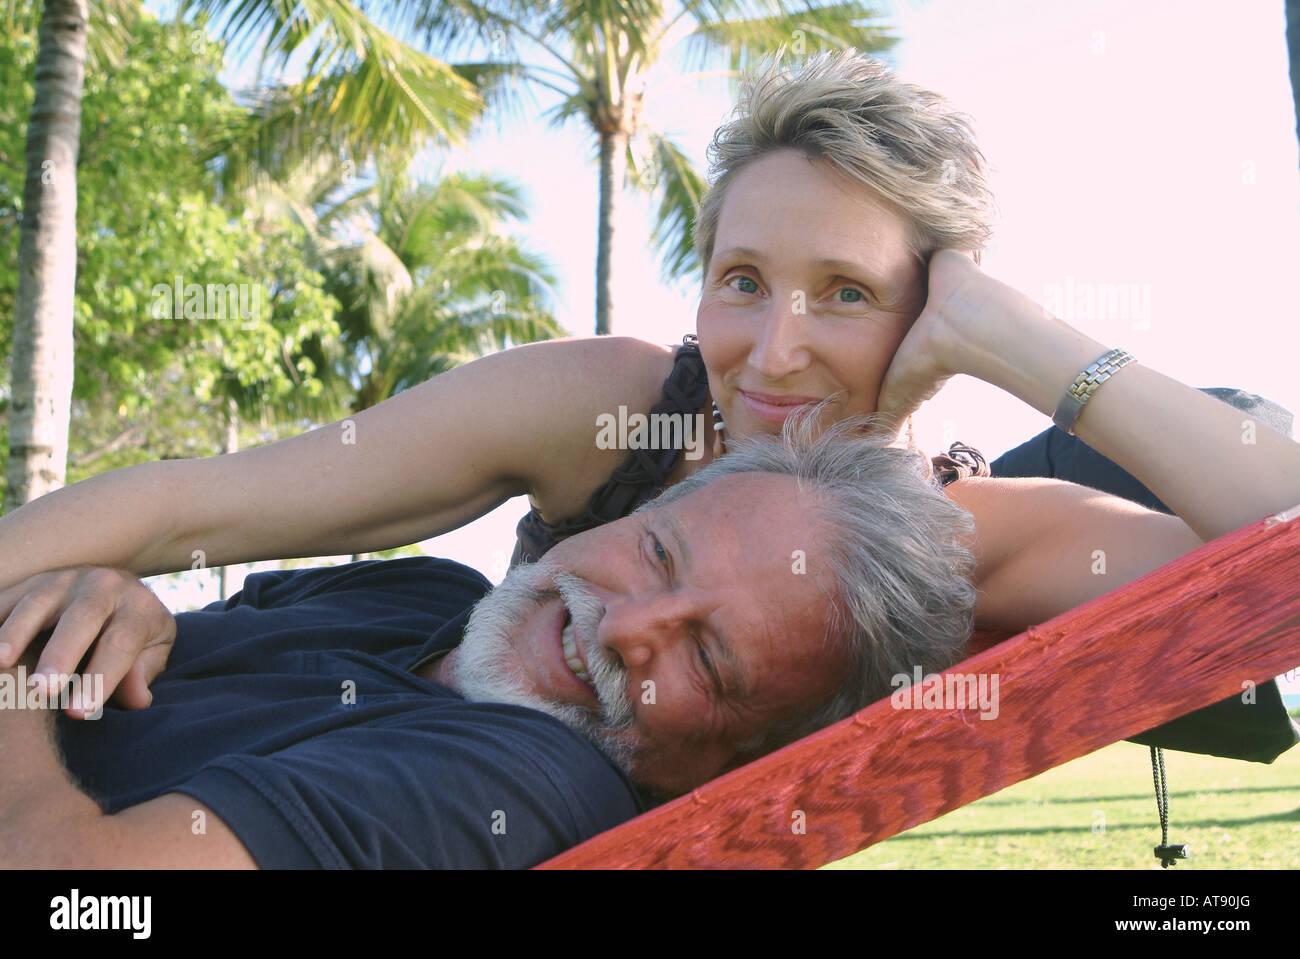 Un couple se détend dans un hamac au Queens Beach, Waikiki. Banque D'Images